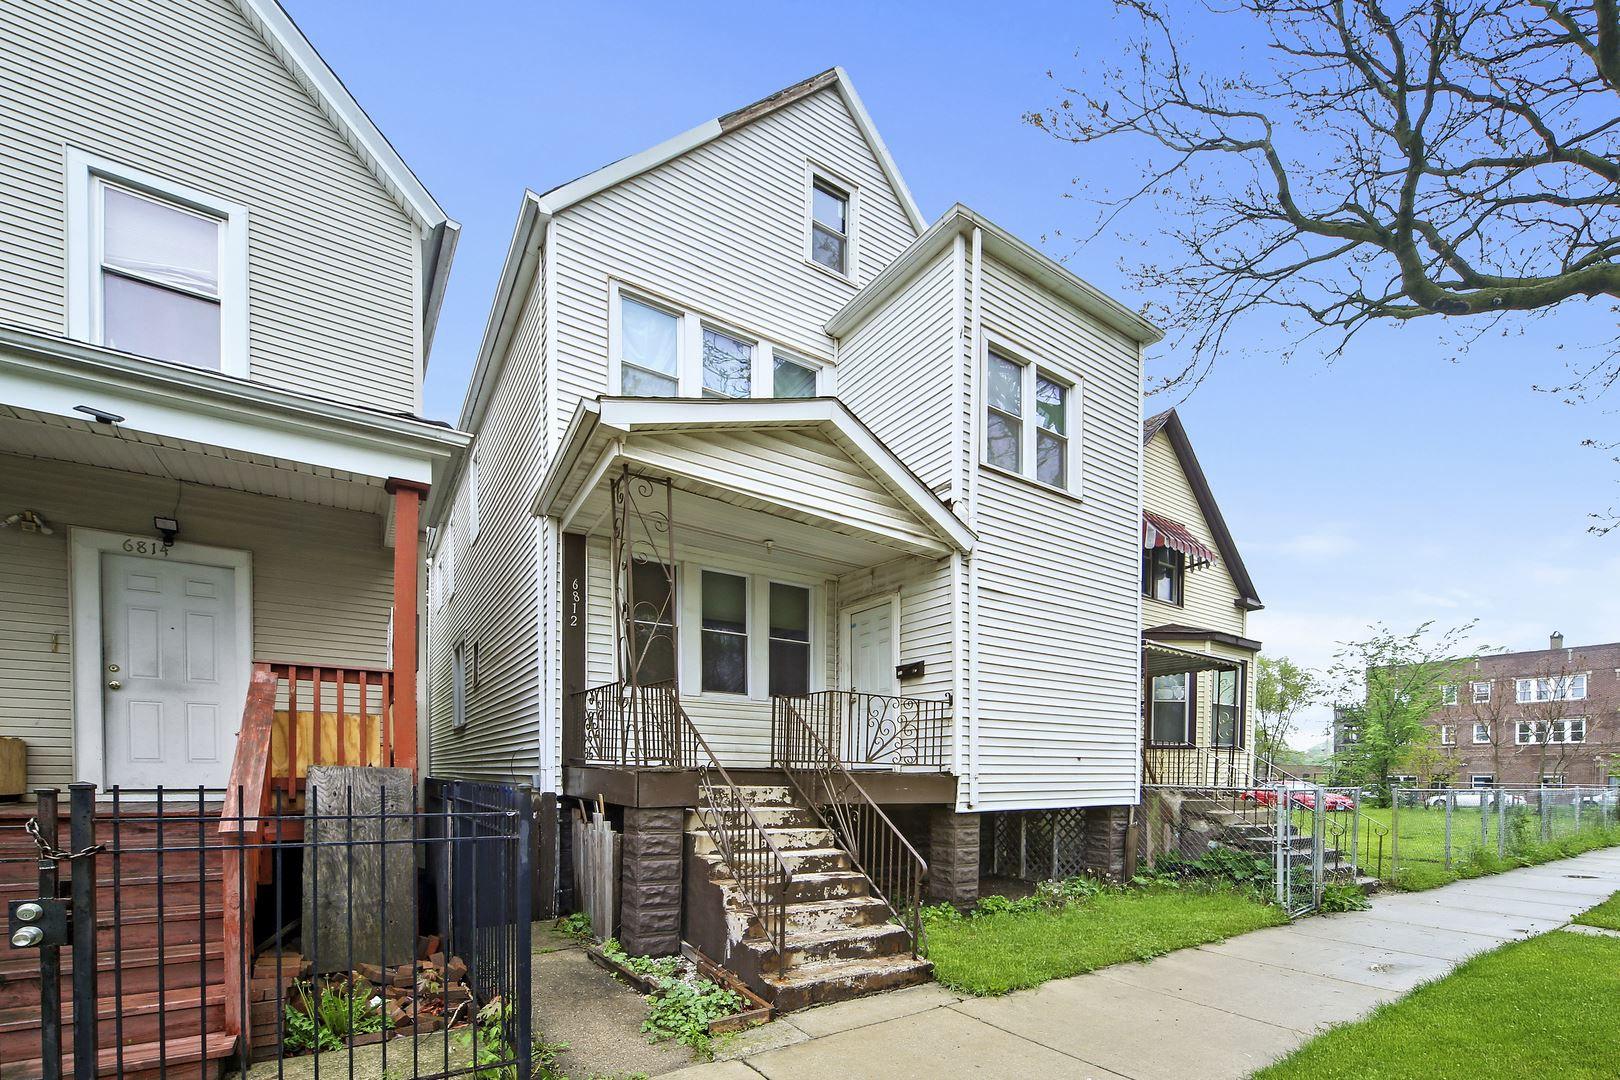 6812 S Hermitage Avenue, Chicago, IL 60636 - #: 10721637